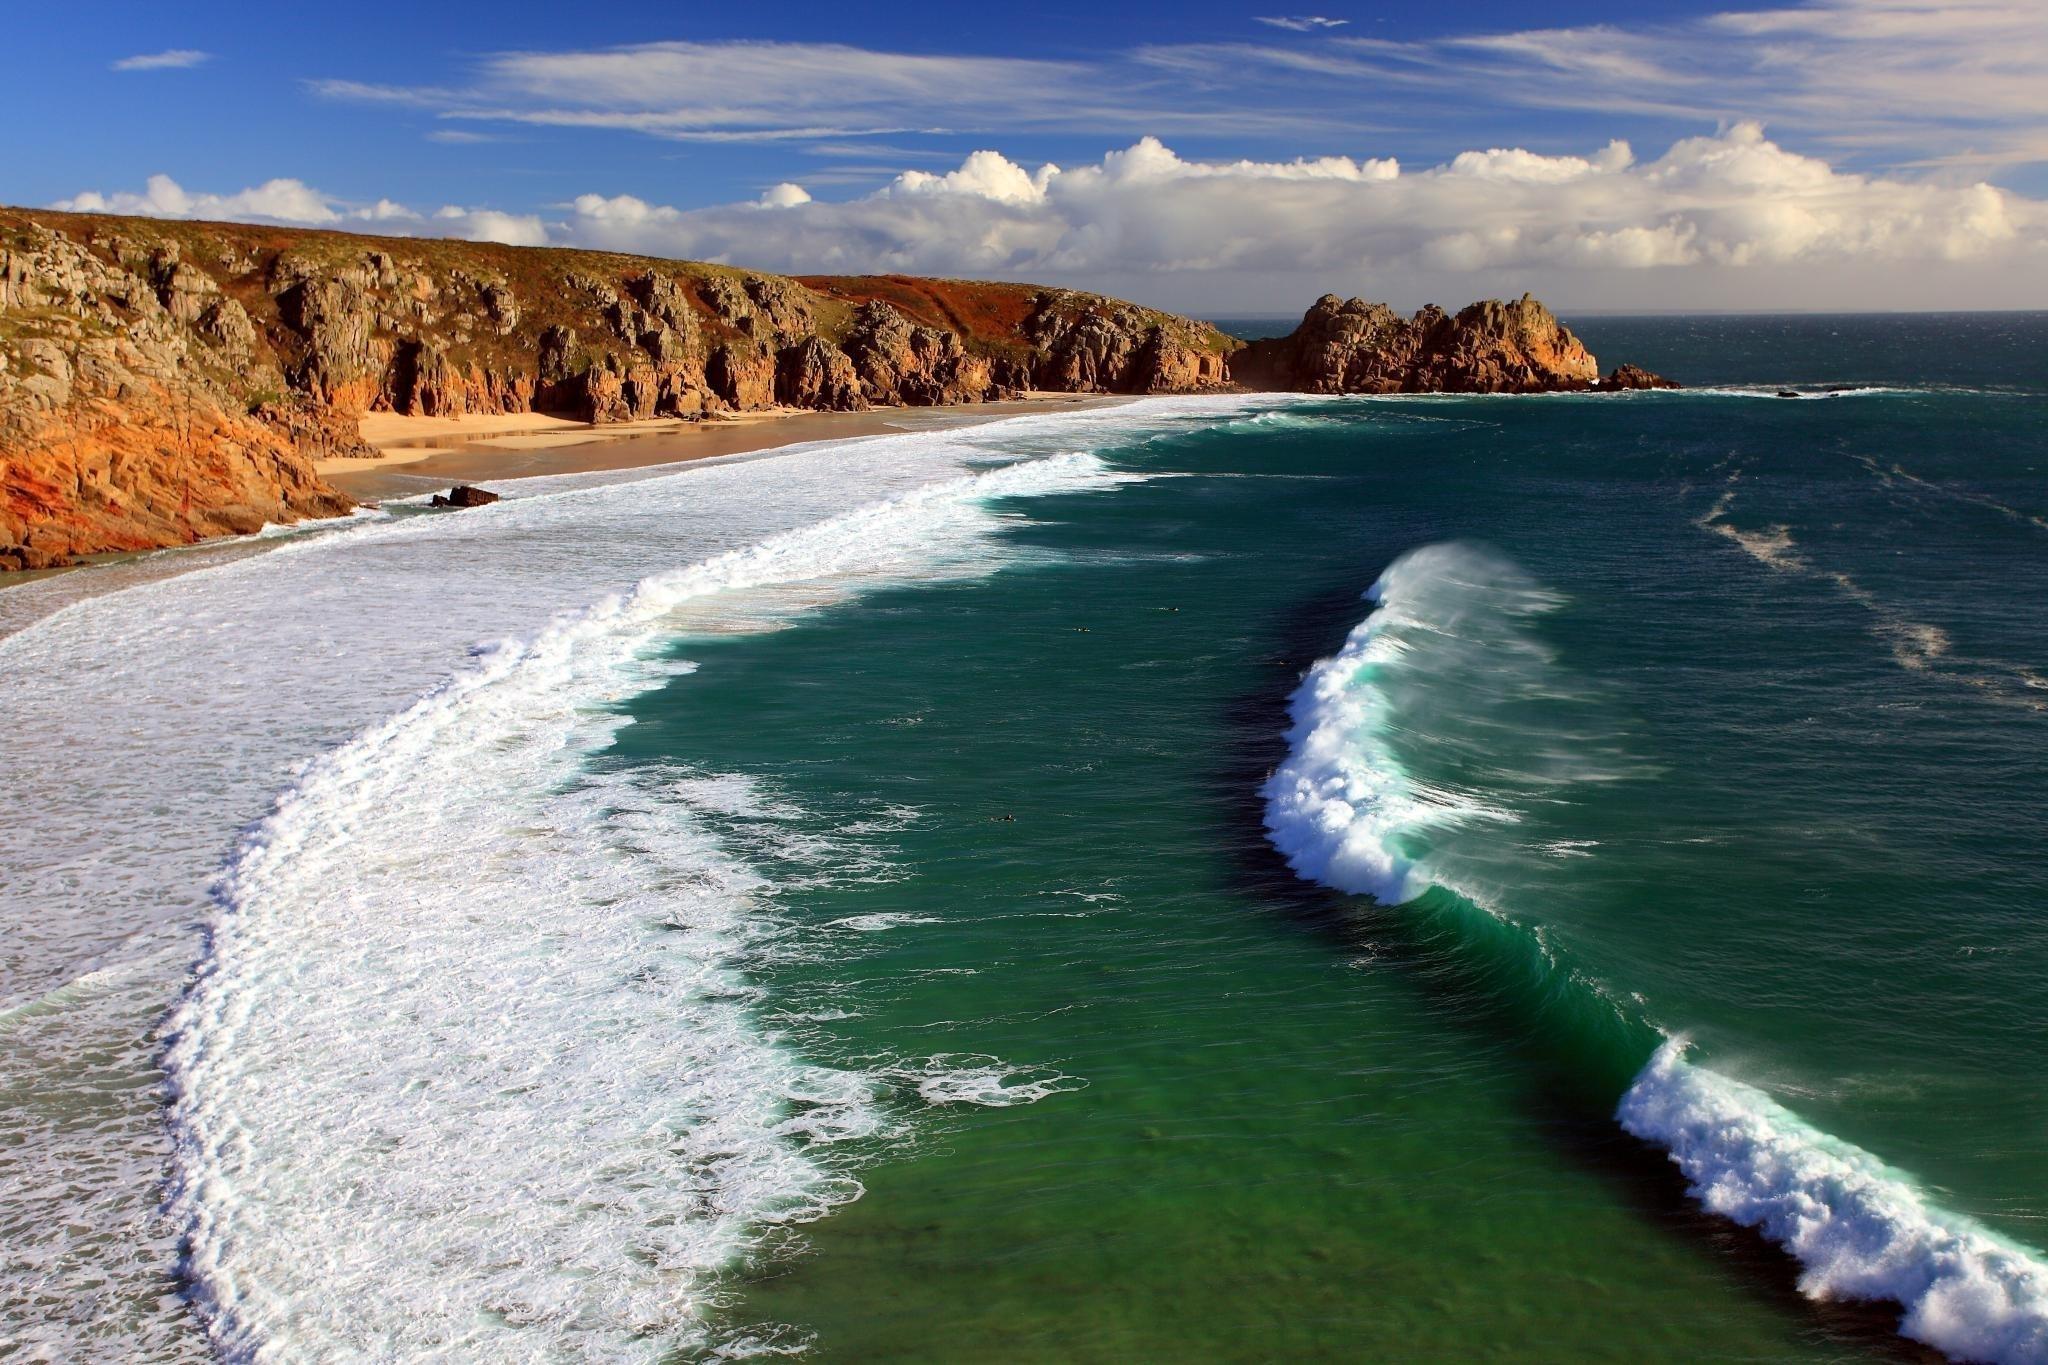 берег волны море  № 251046 загрузить